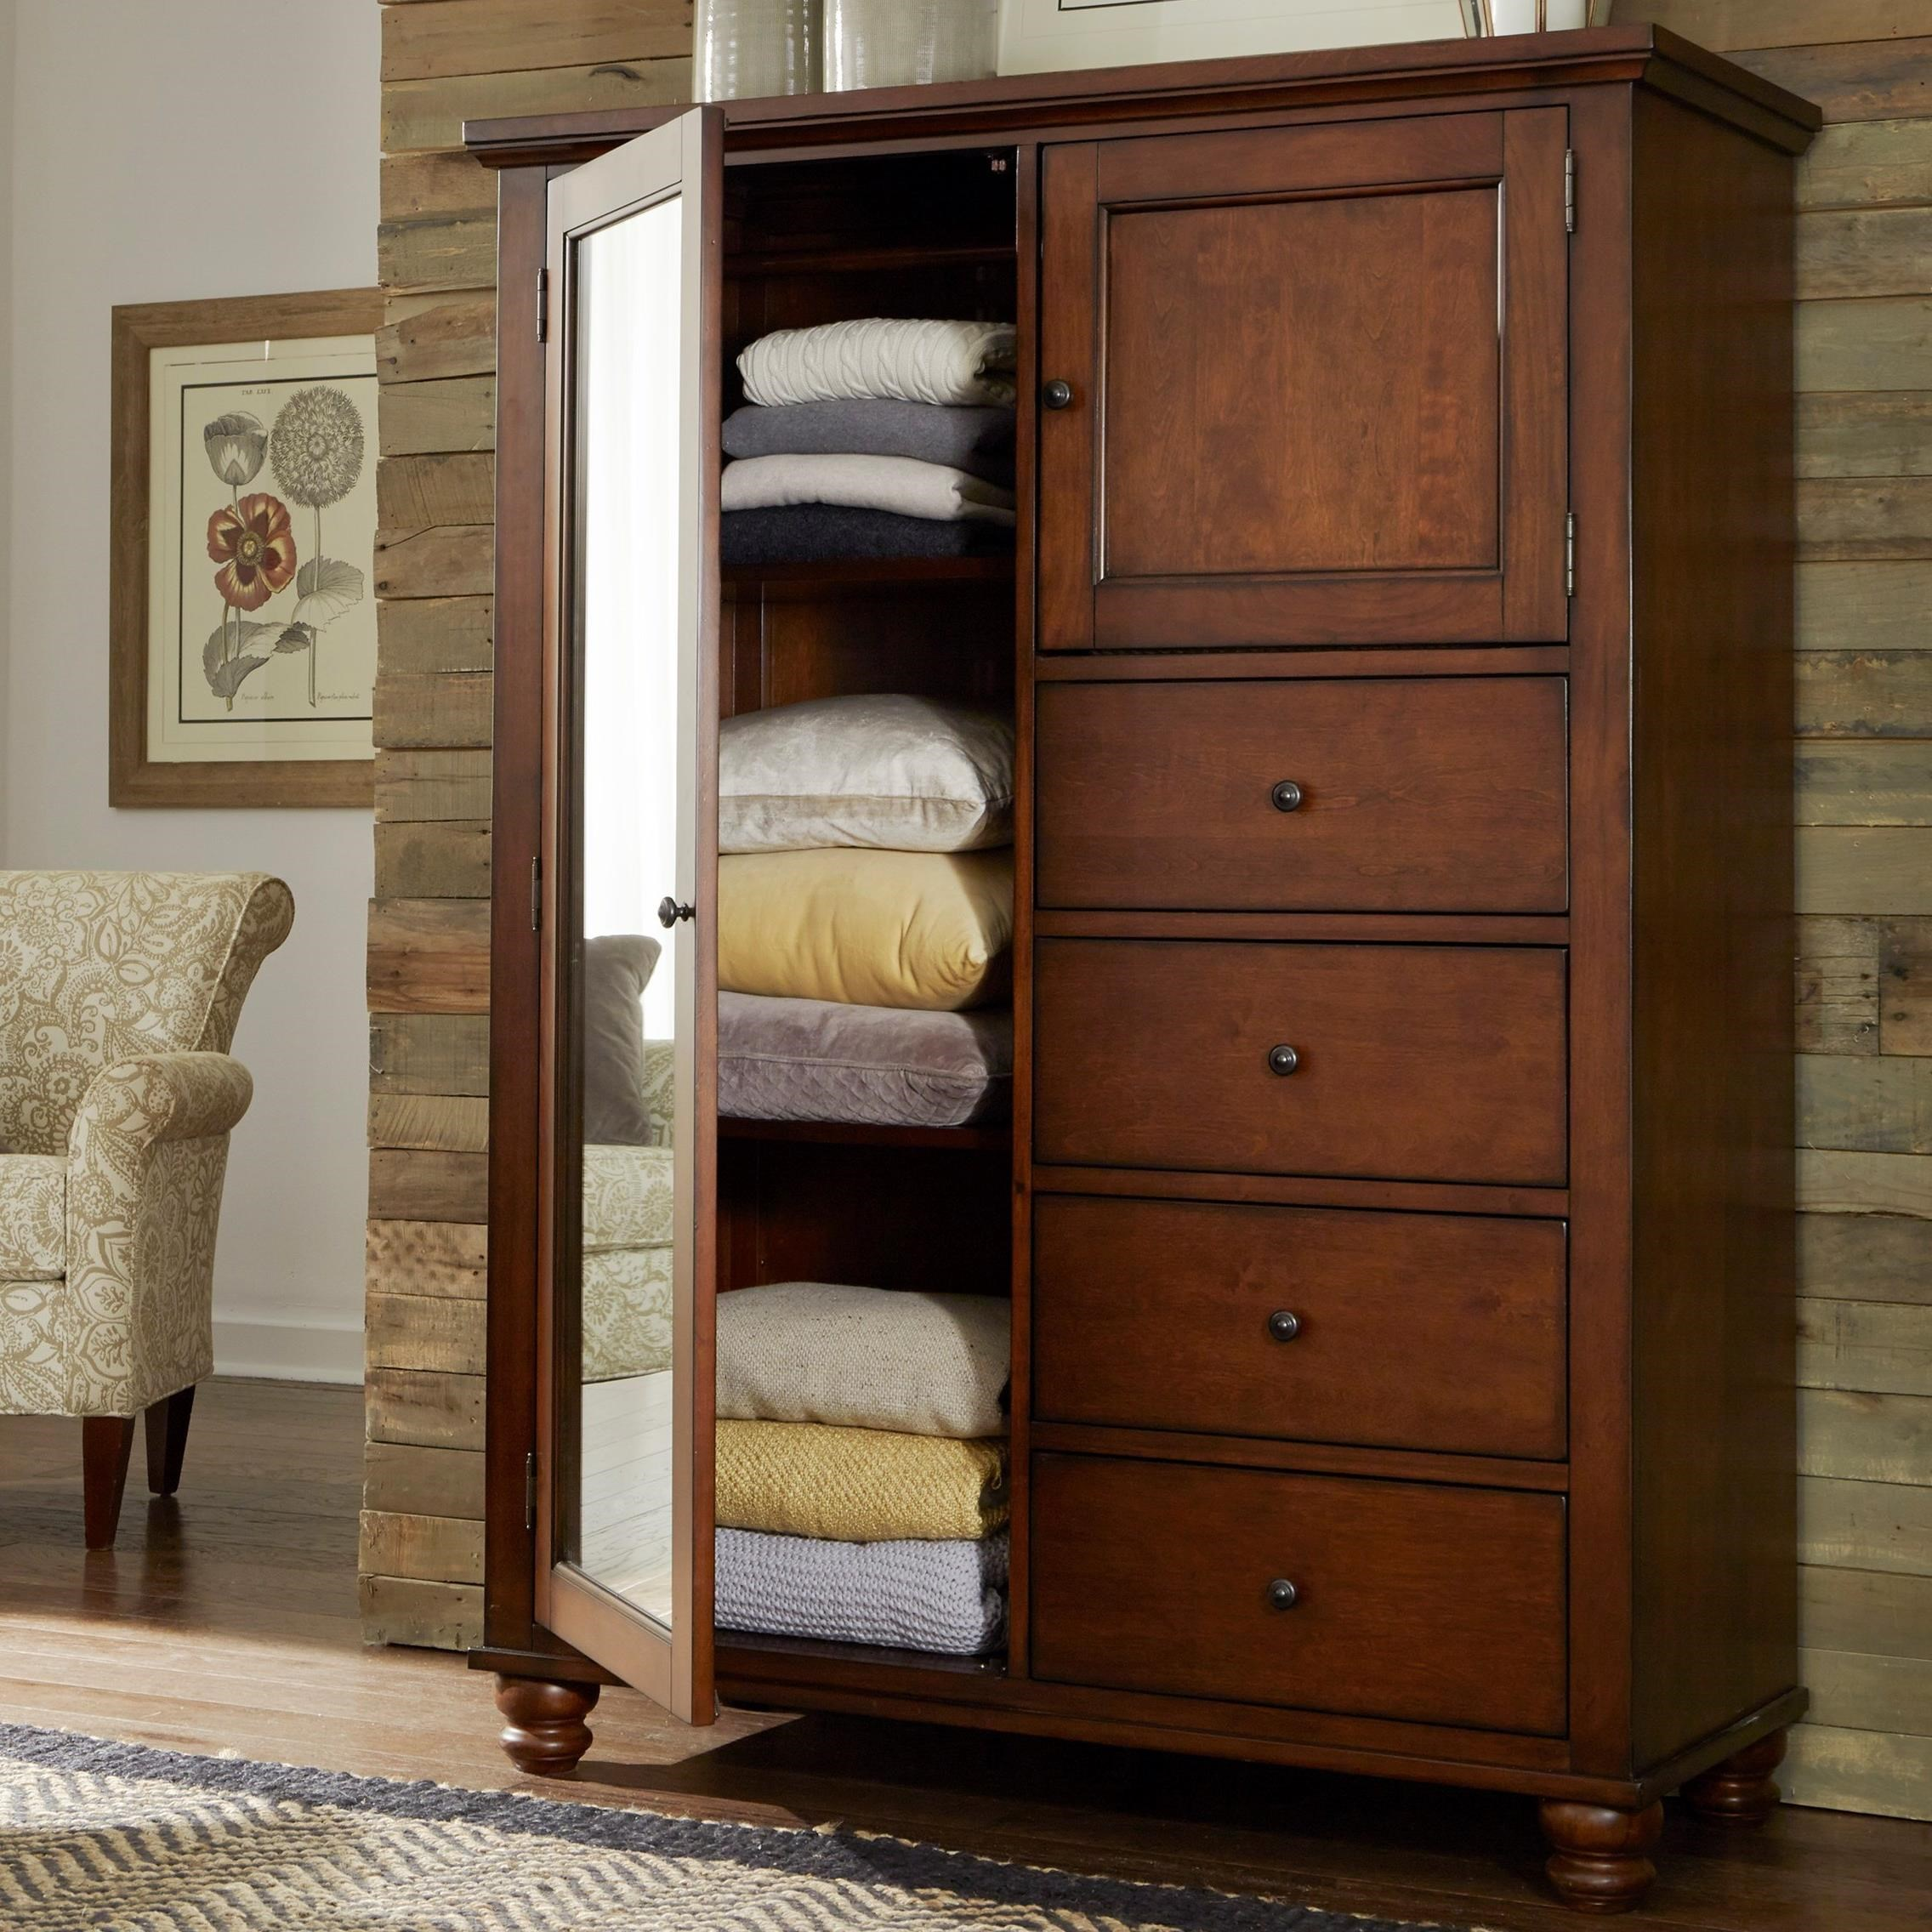 4 drawer 2 Door Chiffarobe